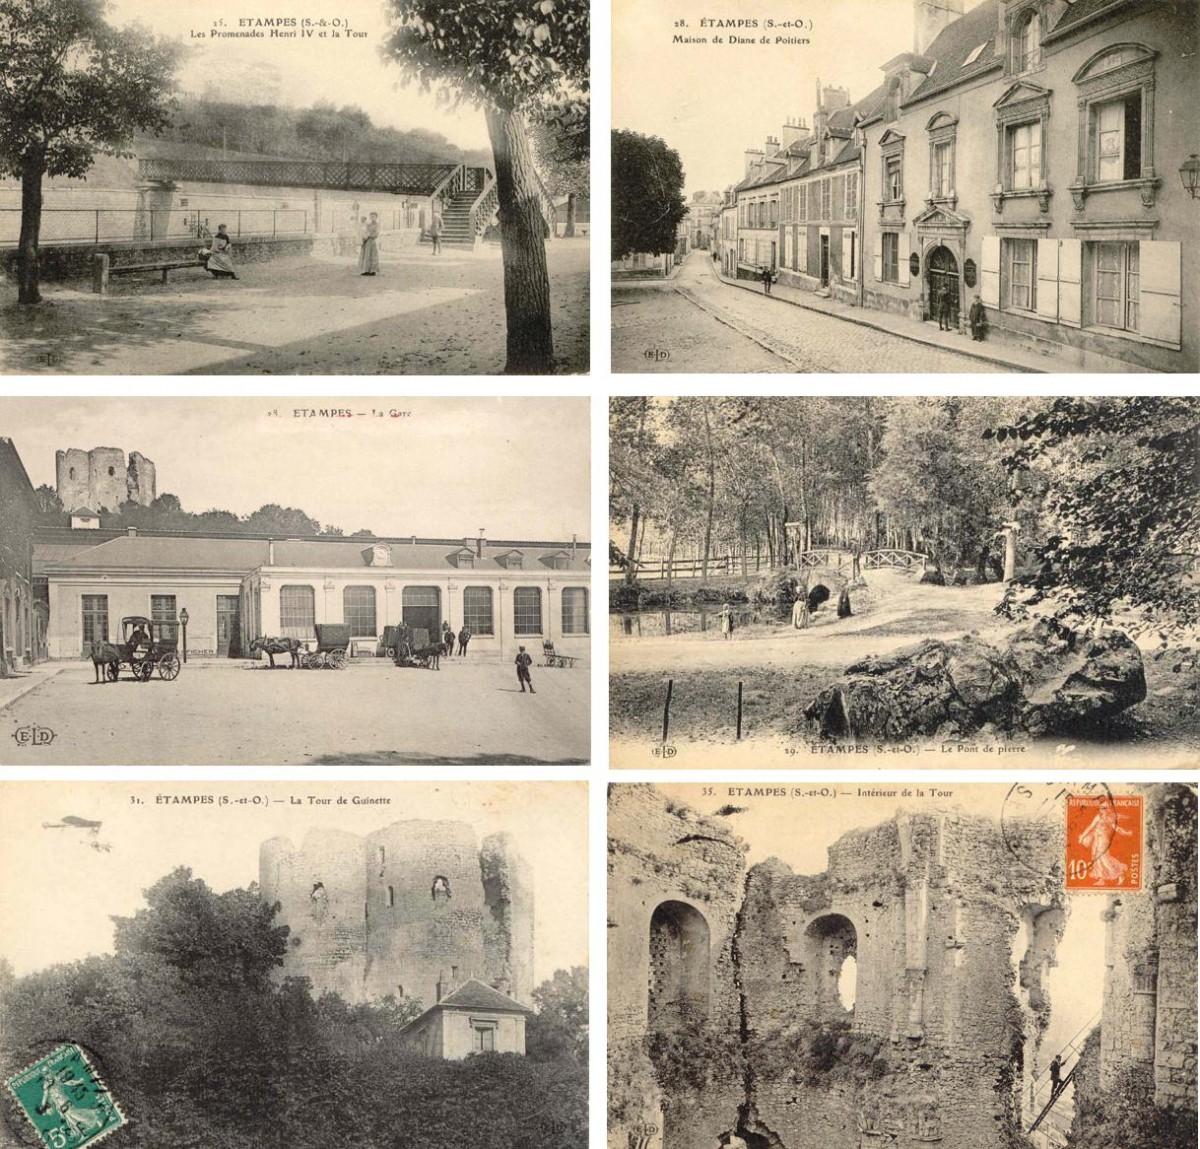 Фотографии Франции и Парижа, начало XX века